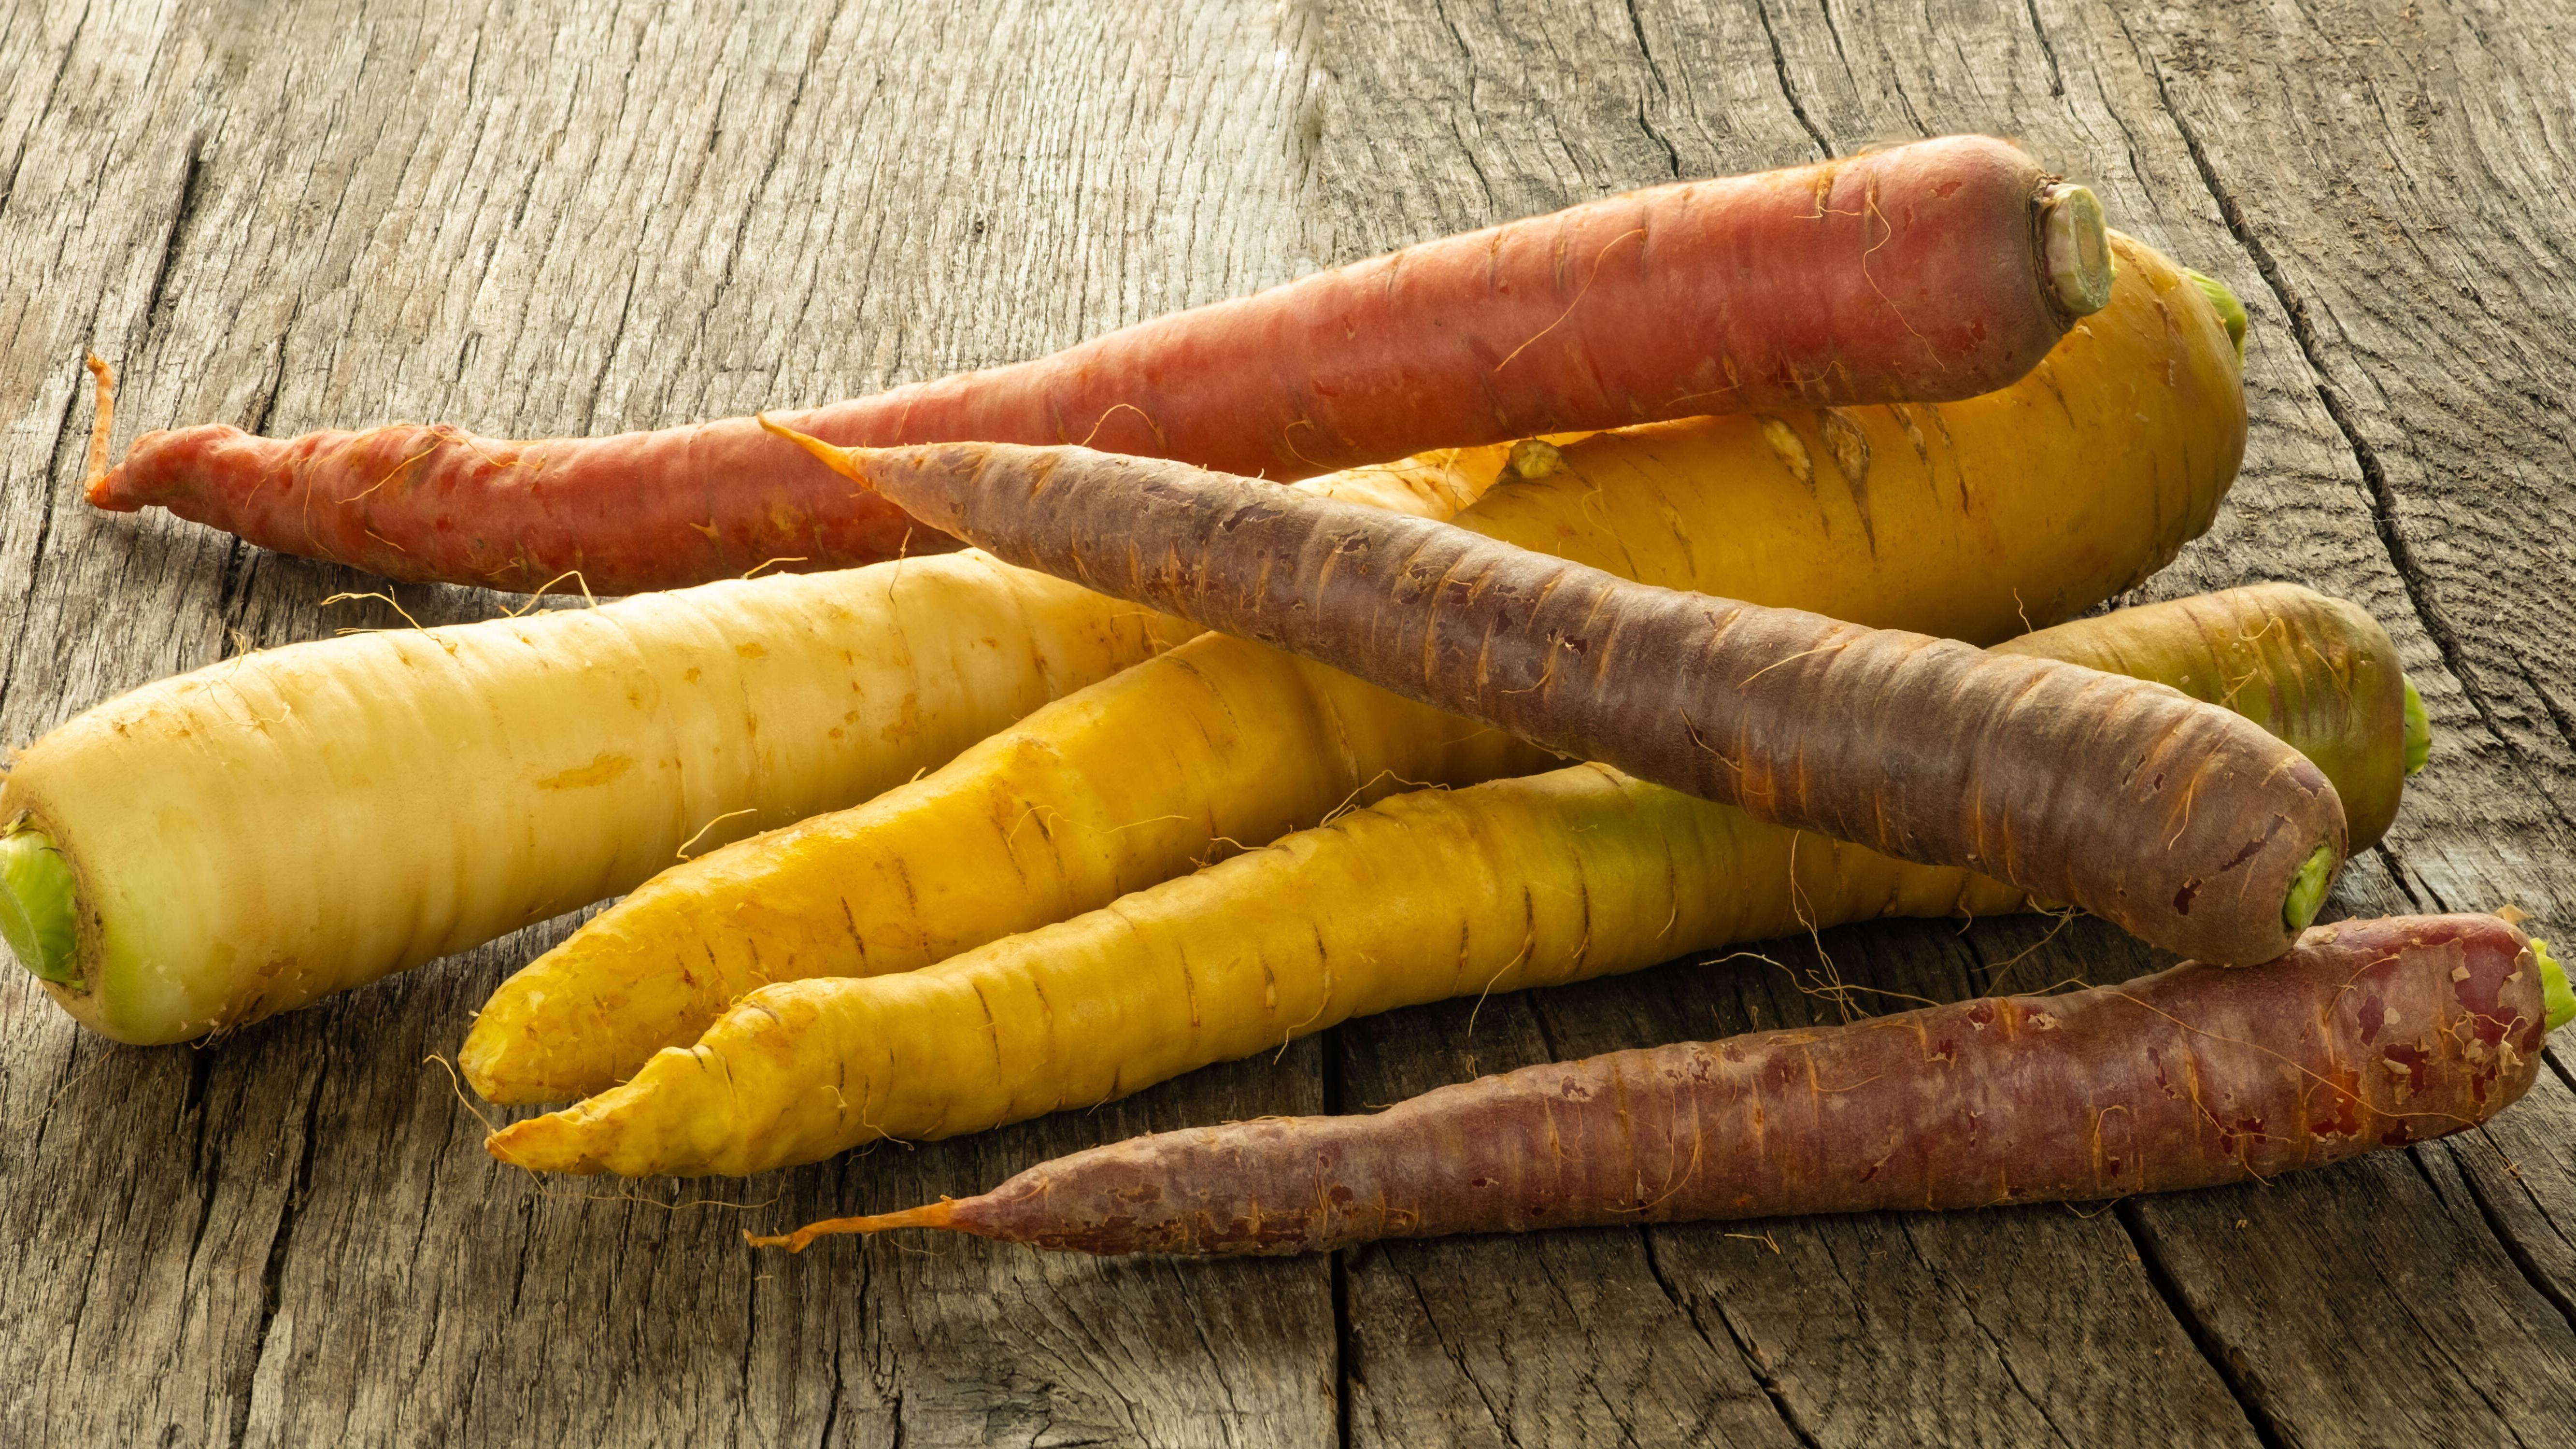 Egal ob Möhren oder Karotten, die Unterschiede sind marginal.